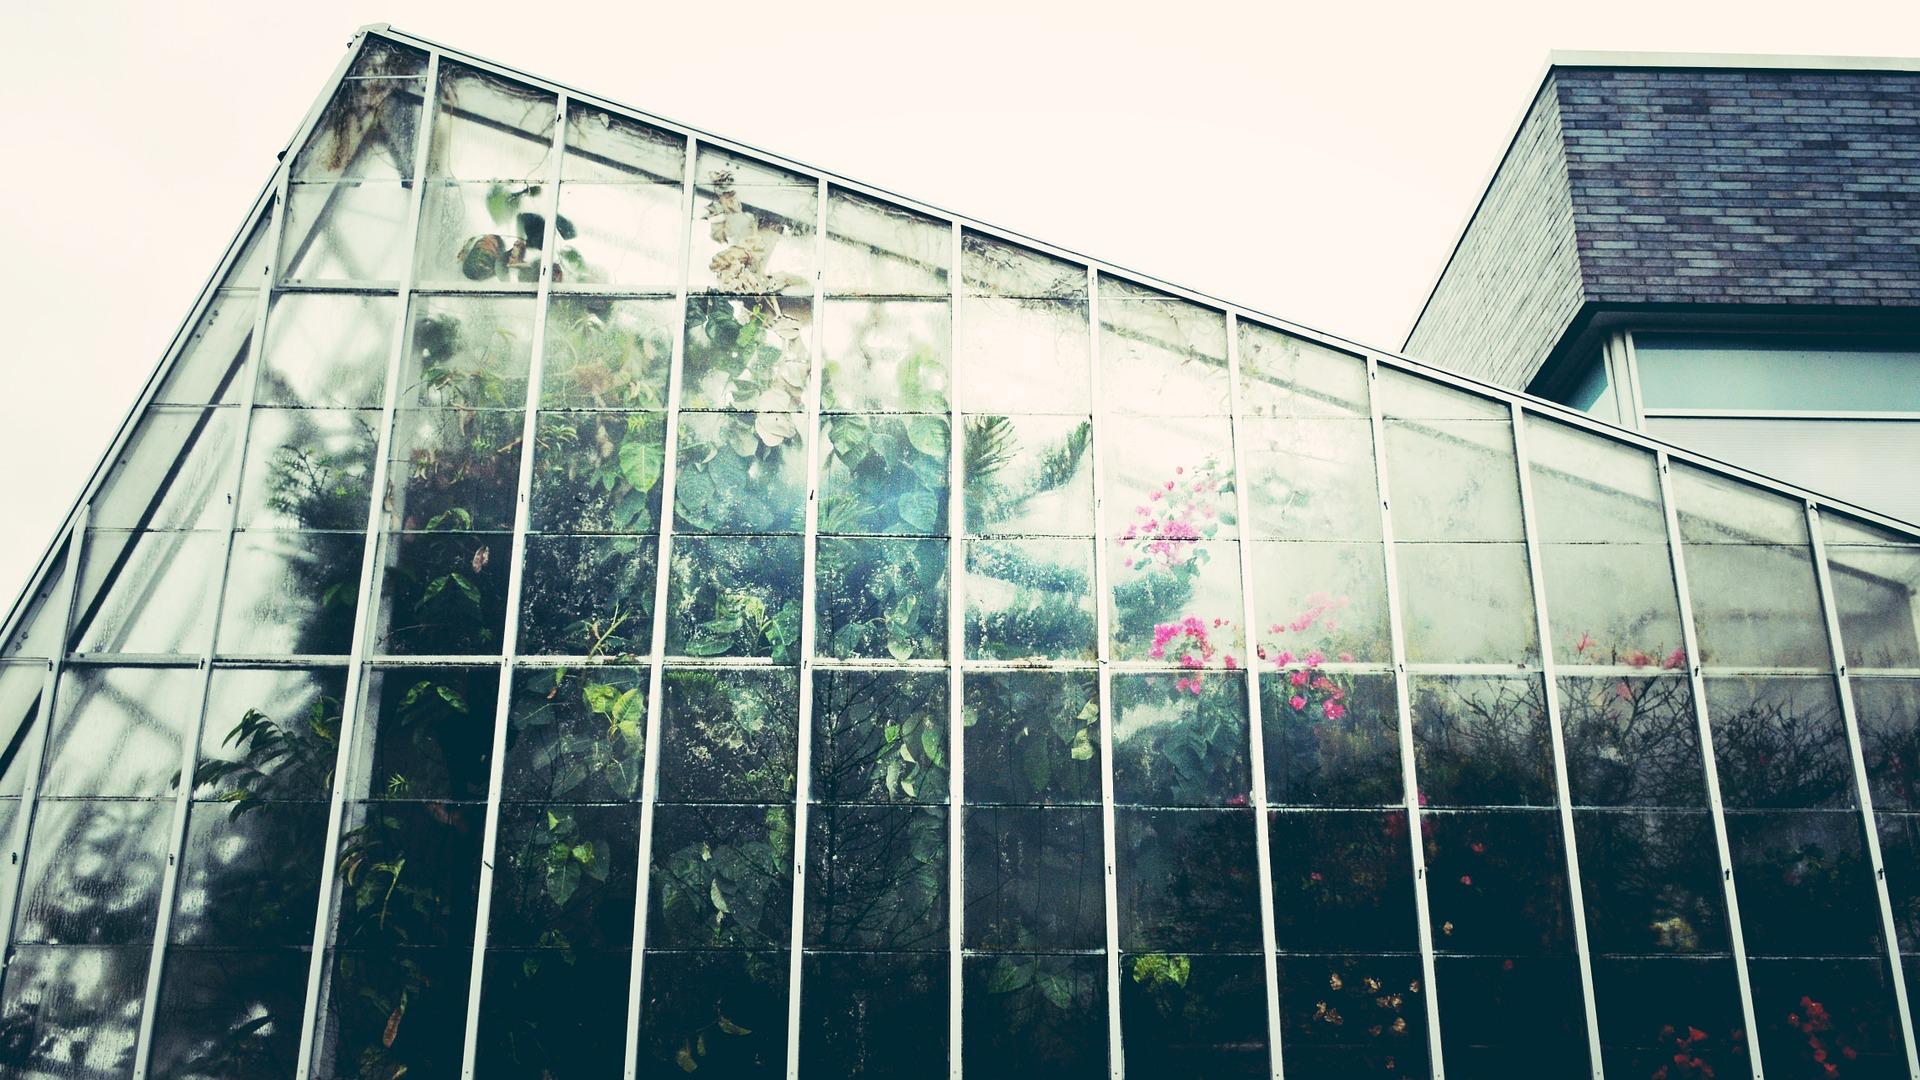 Une verranda avec des plantes